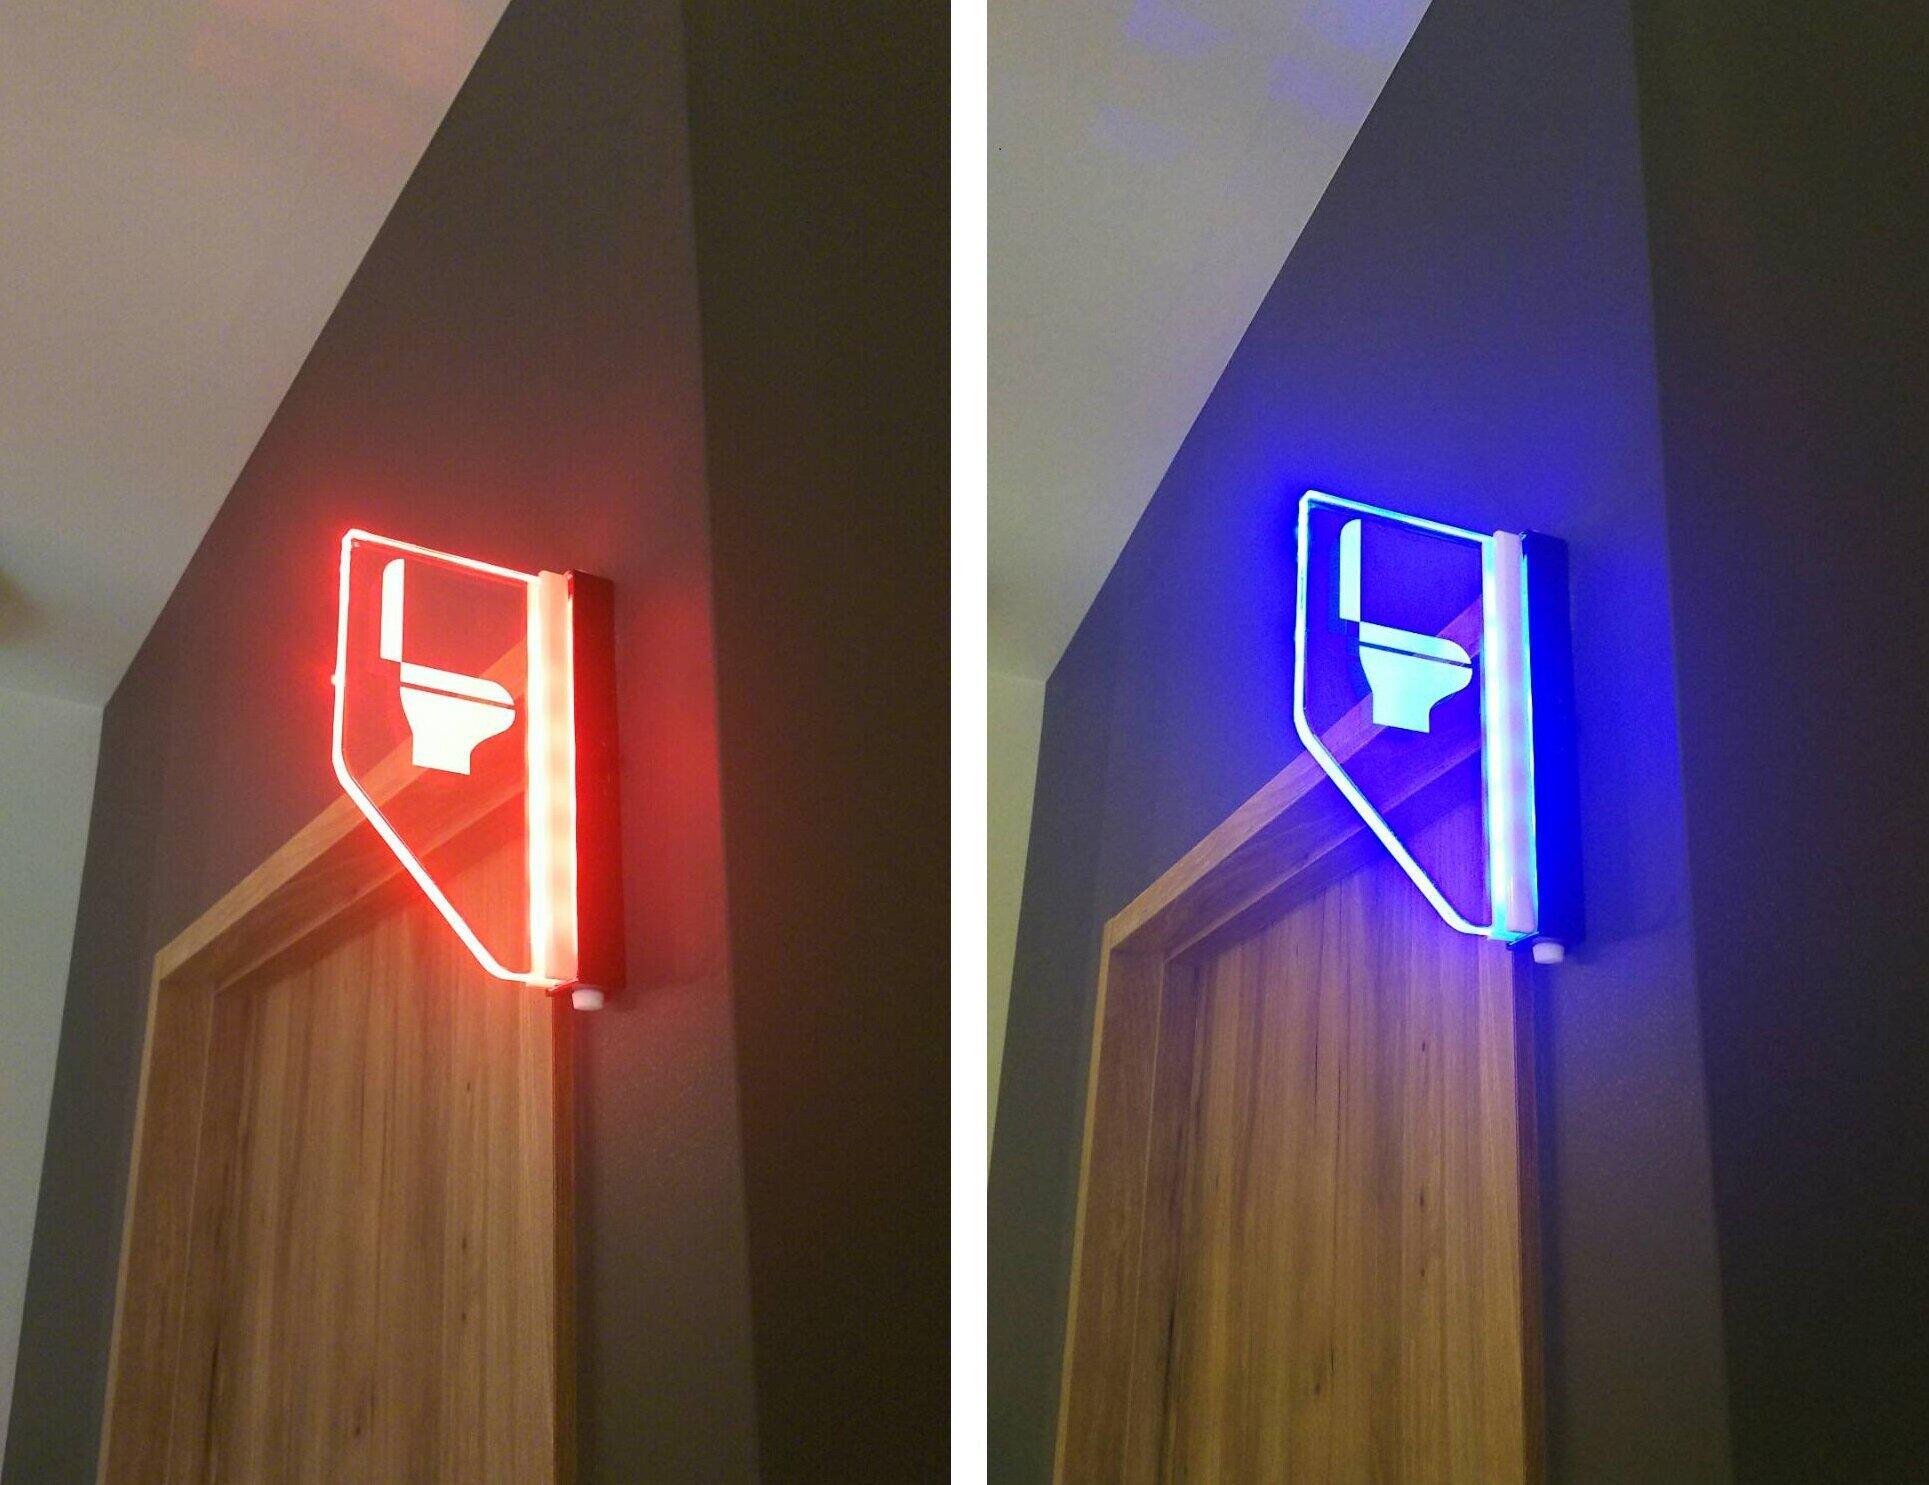 LEDで遠くからもわかりやすい